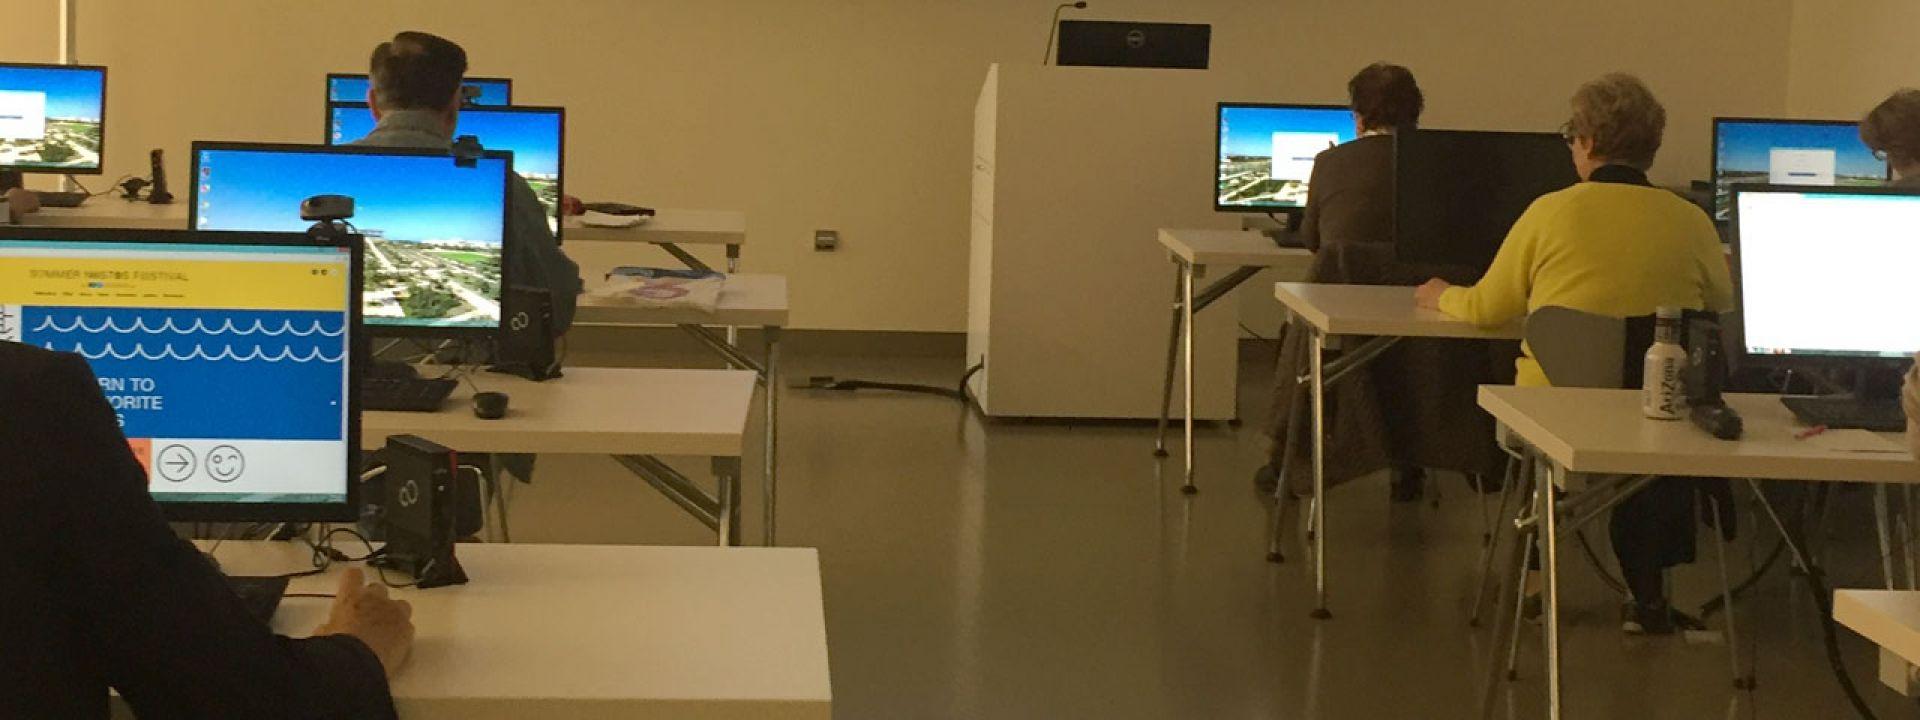 Φωτογραφία από τα Μαθήματα Υπολογιστών για άτομα 65+